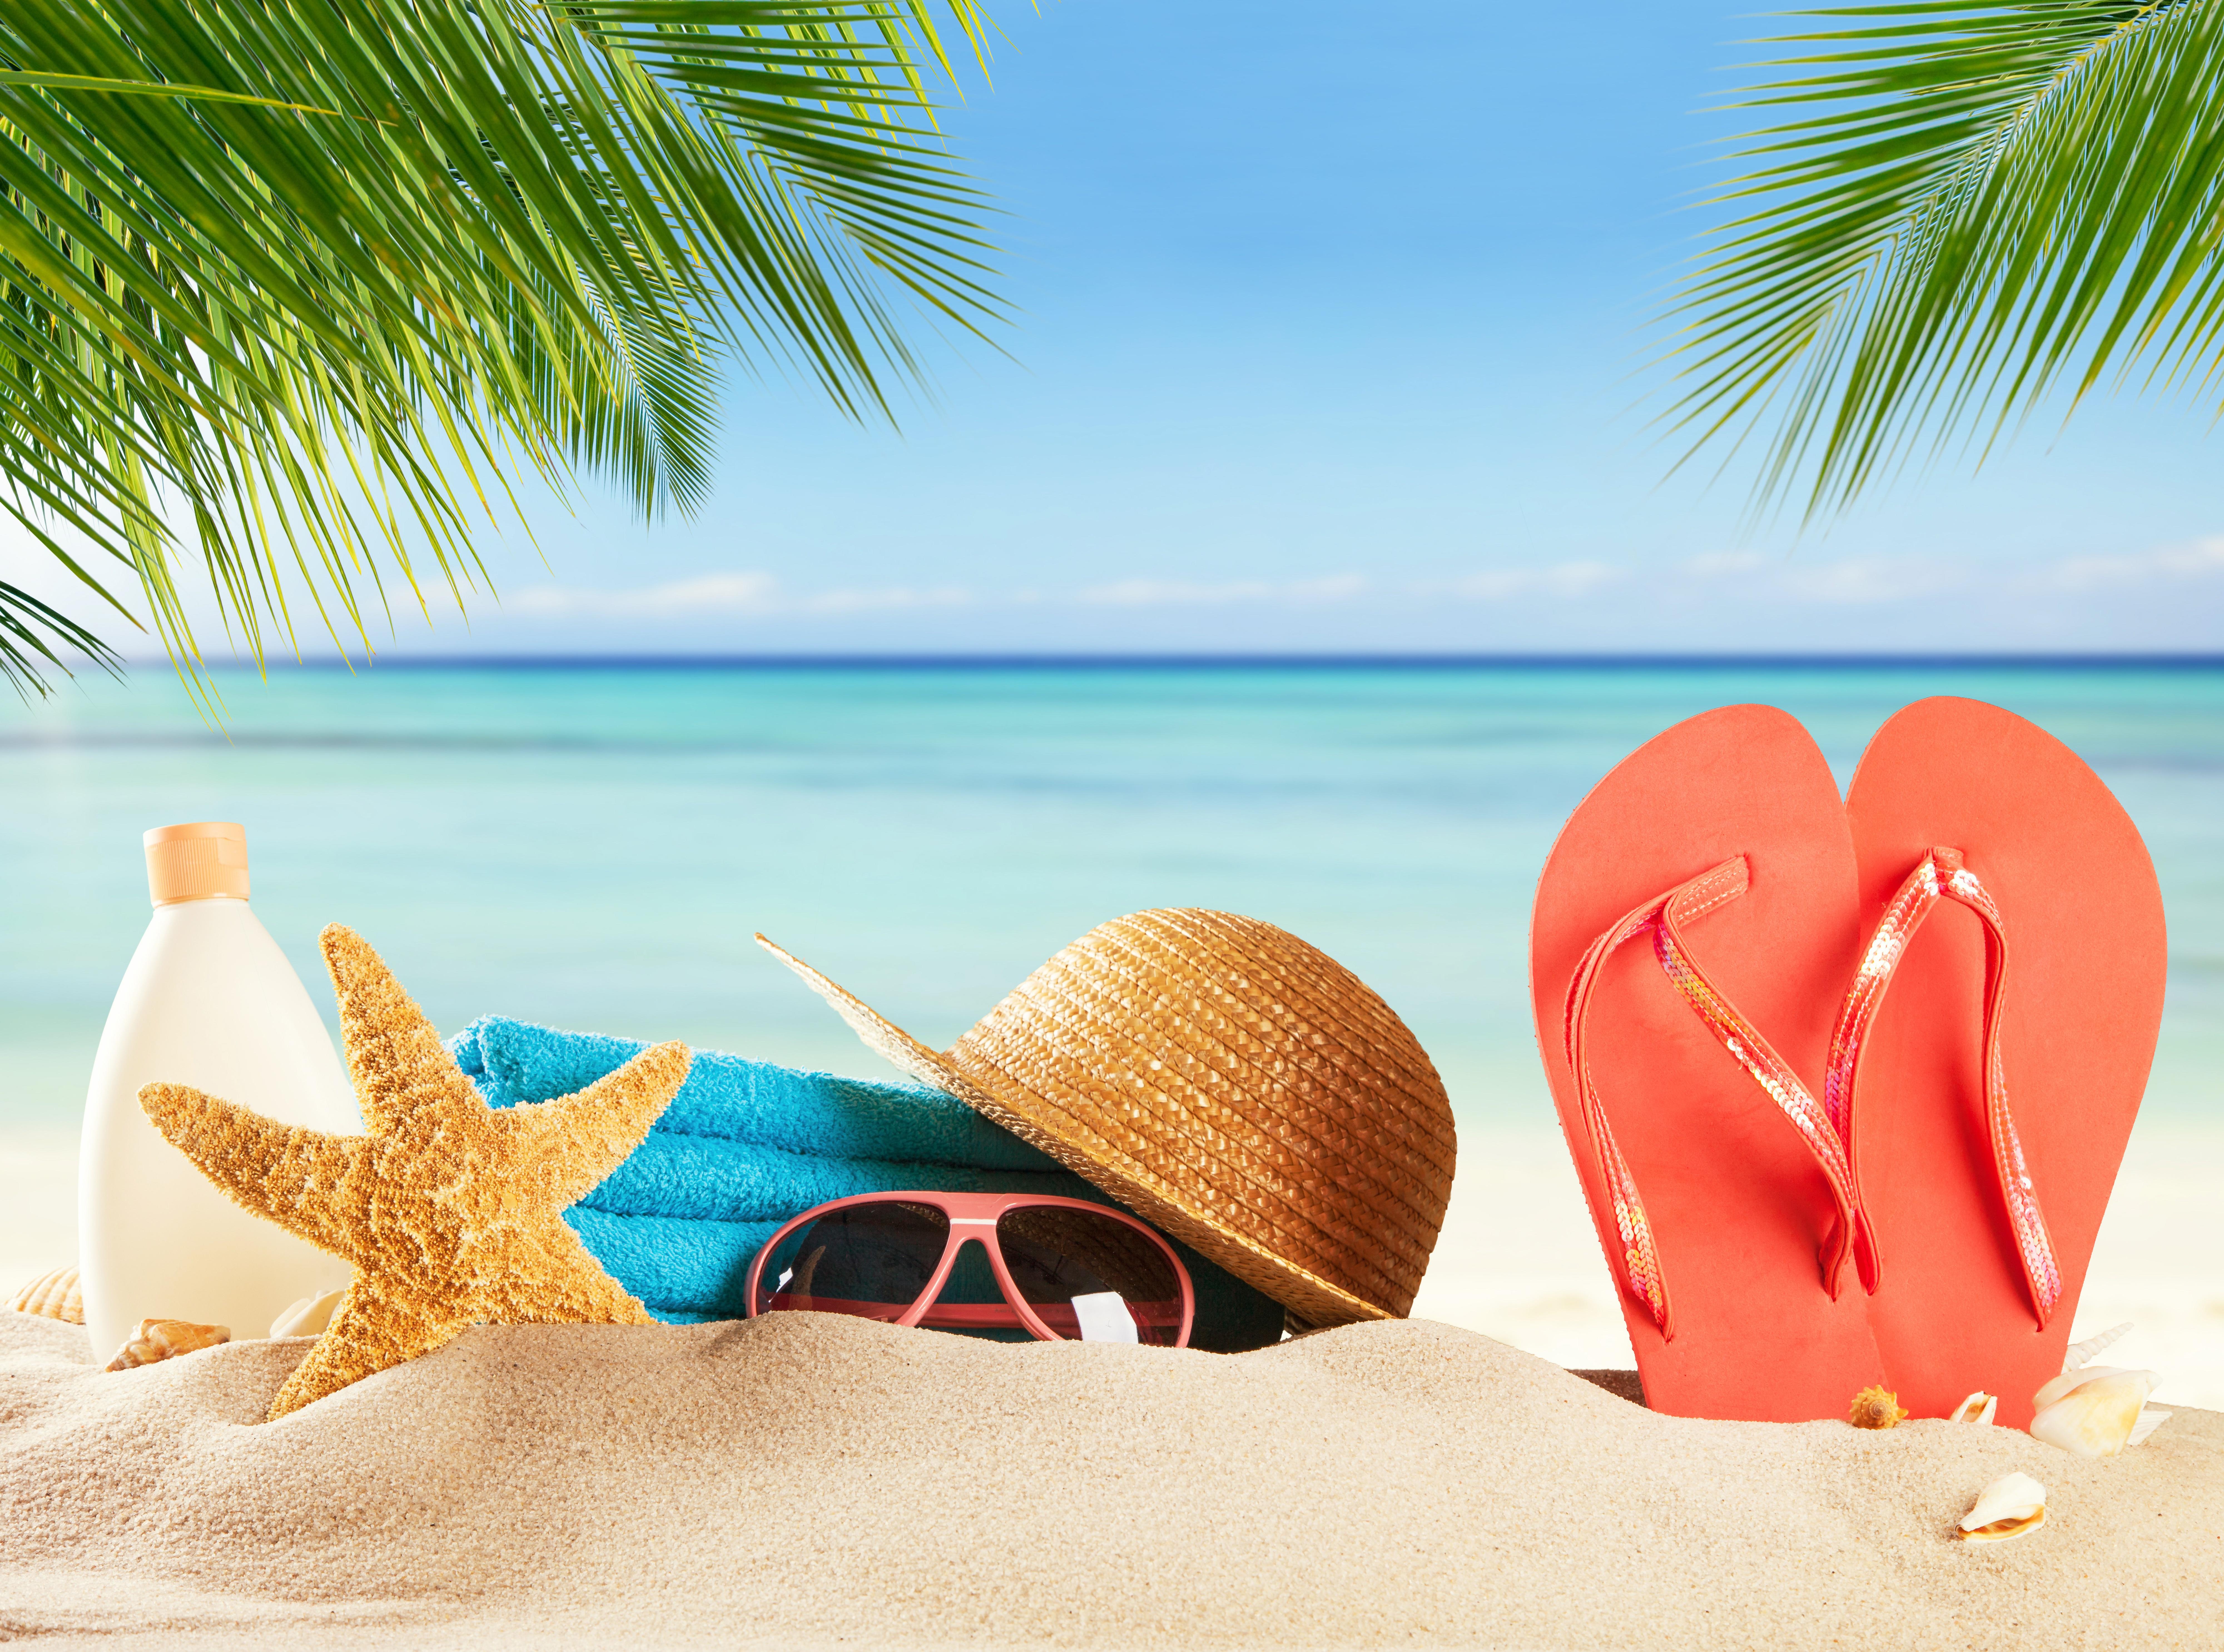 сколько отпуск в картинках сайт стильные товары